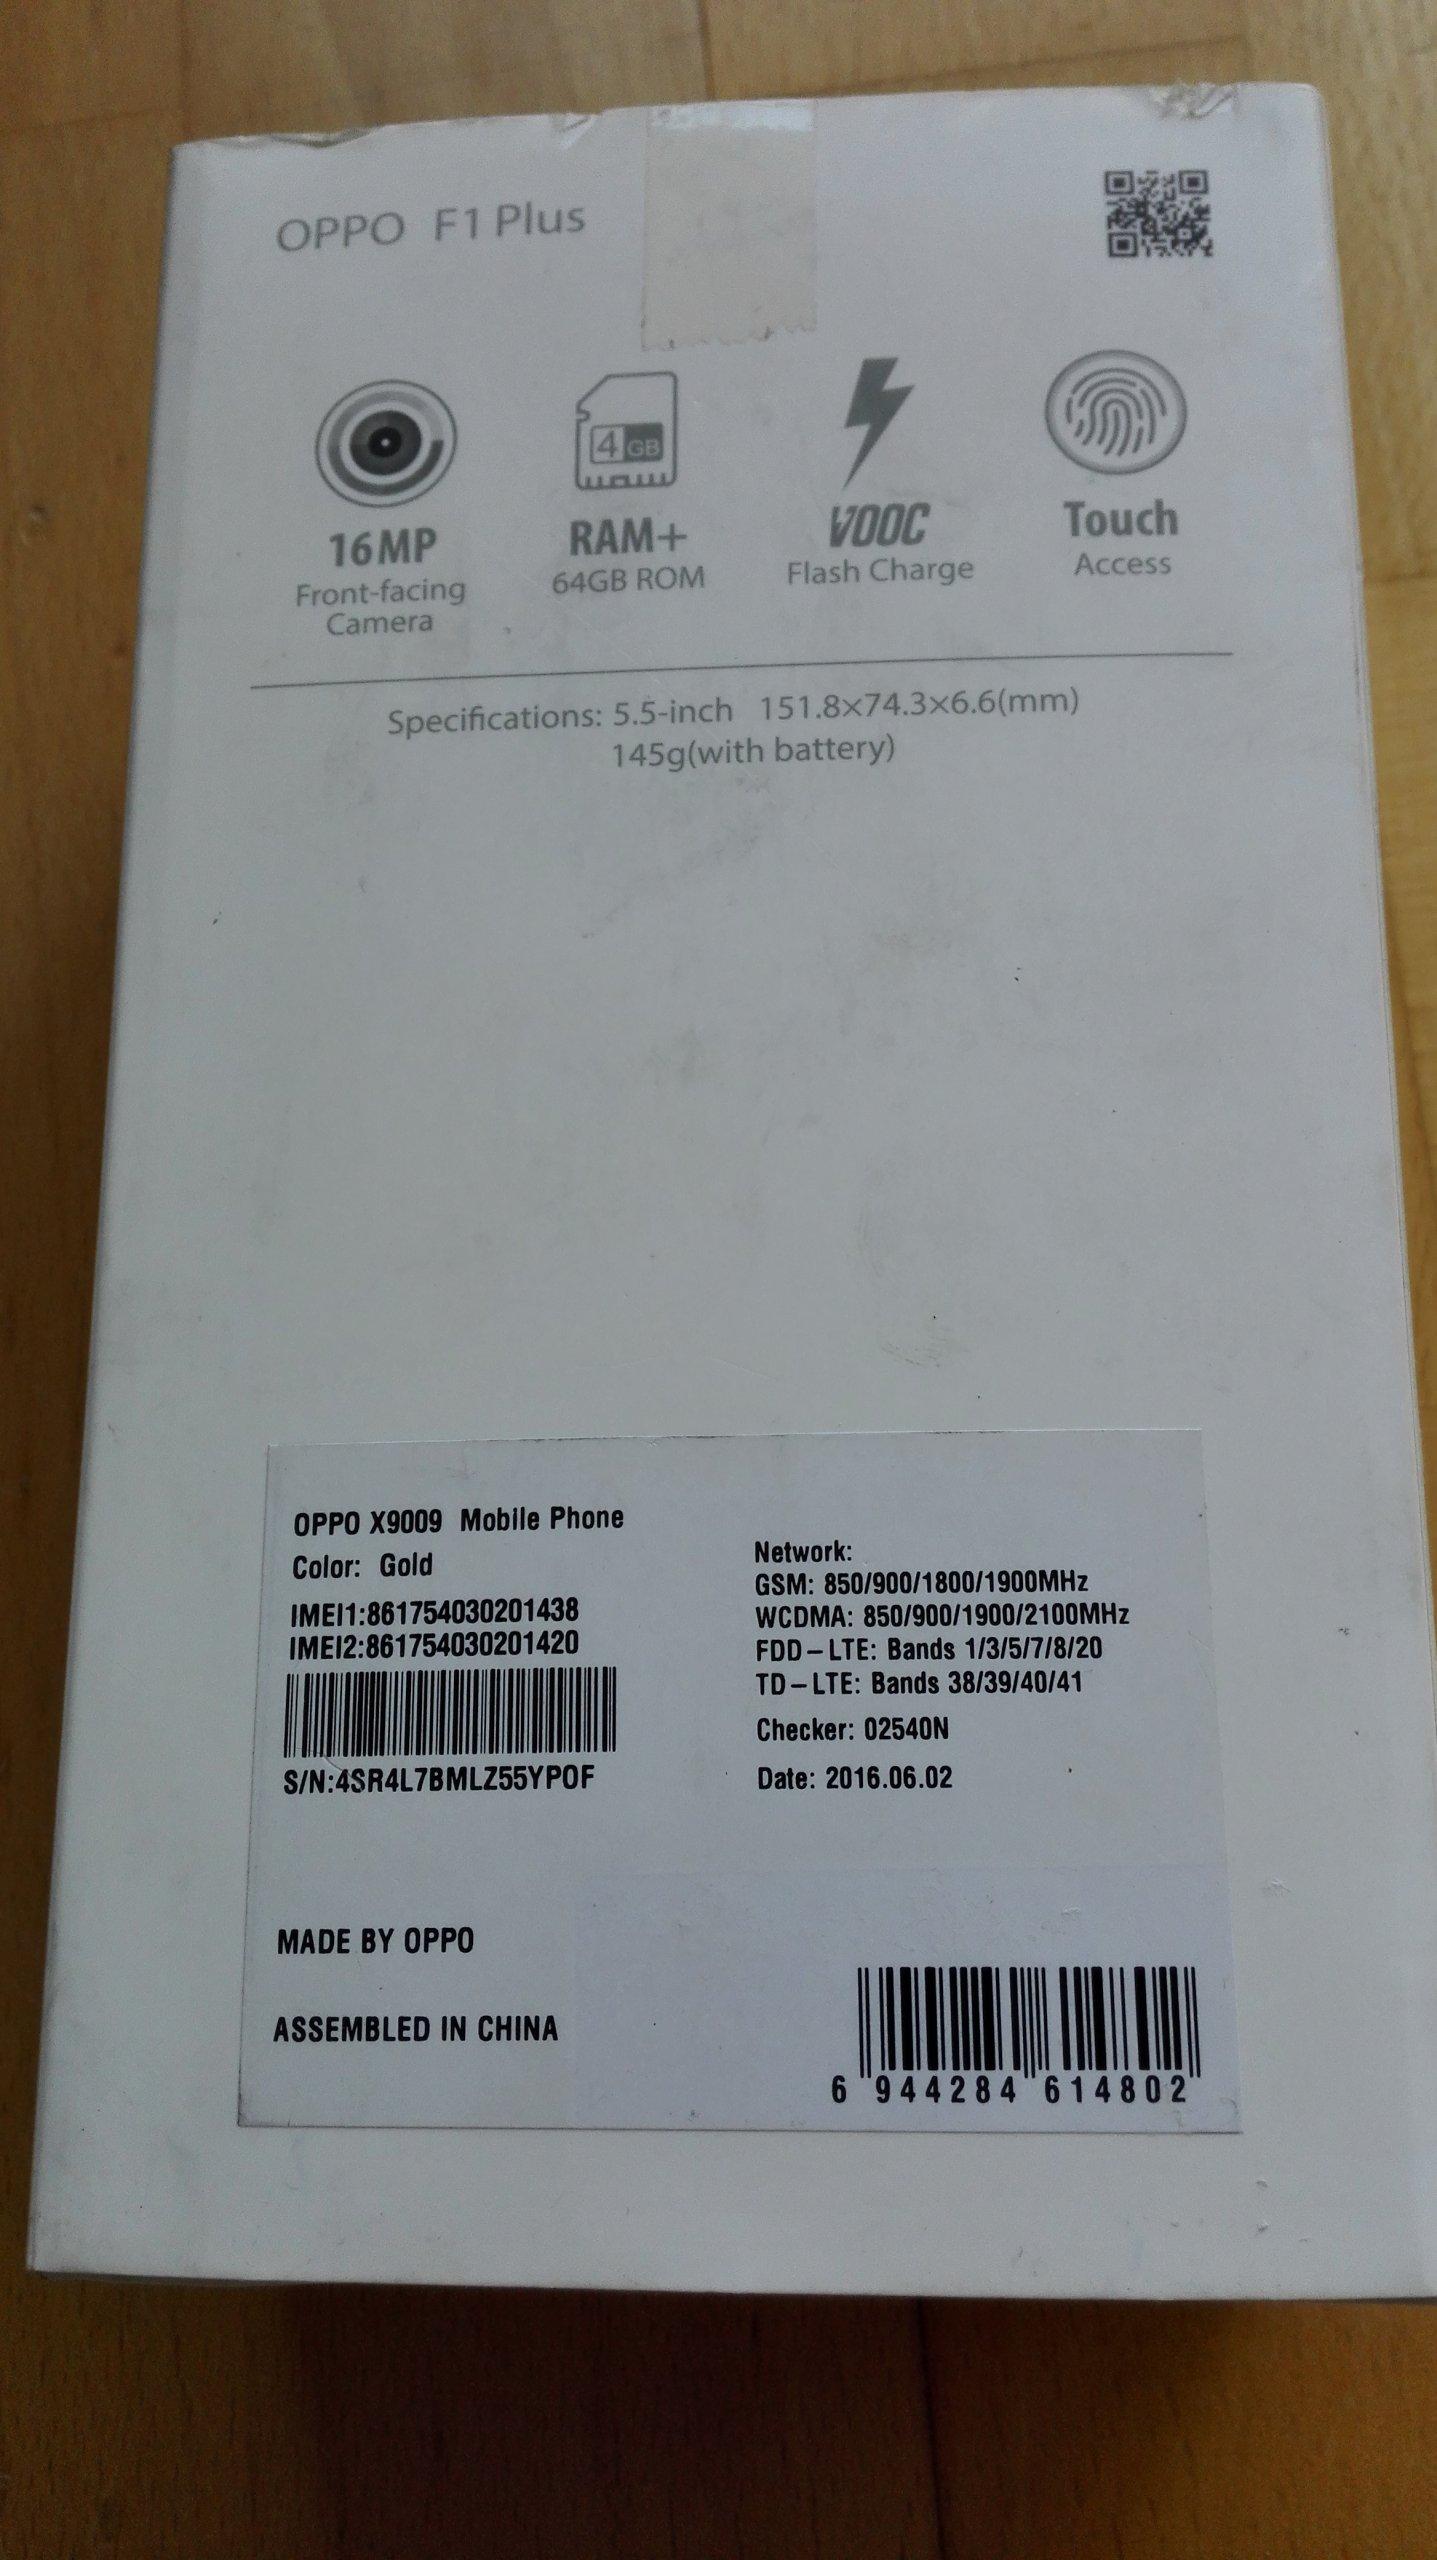 OPPO F1 Plus R9 Xiaomi Meizu Leeco Letv eplus